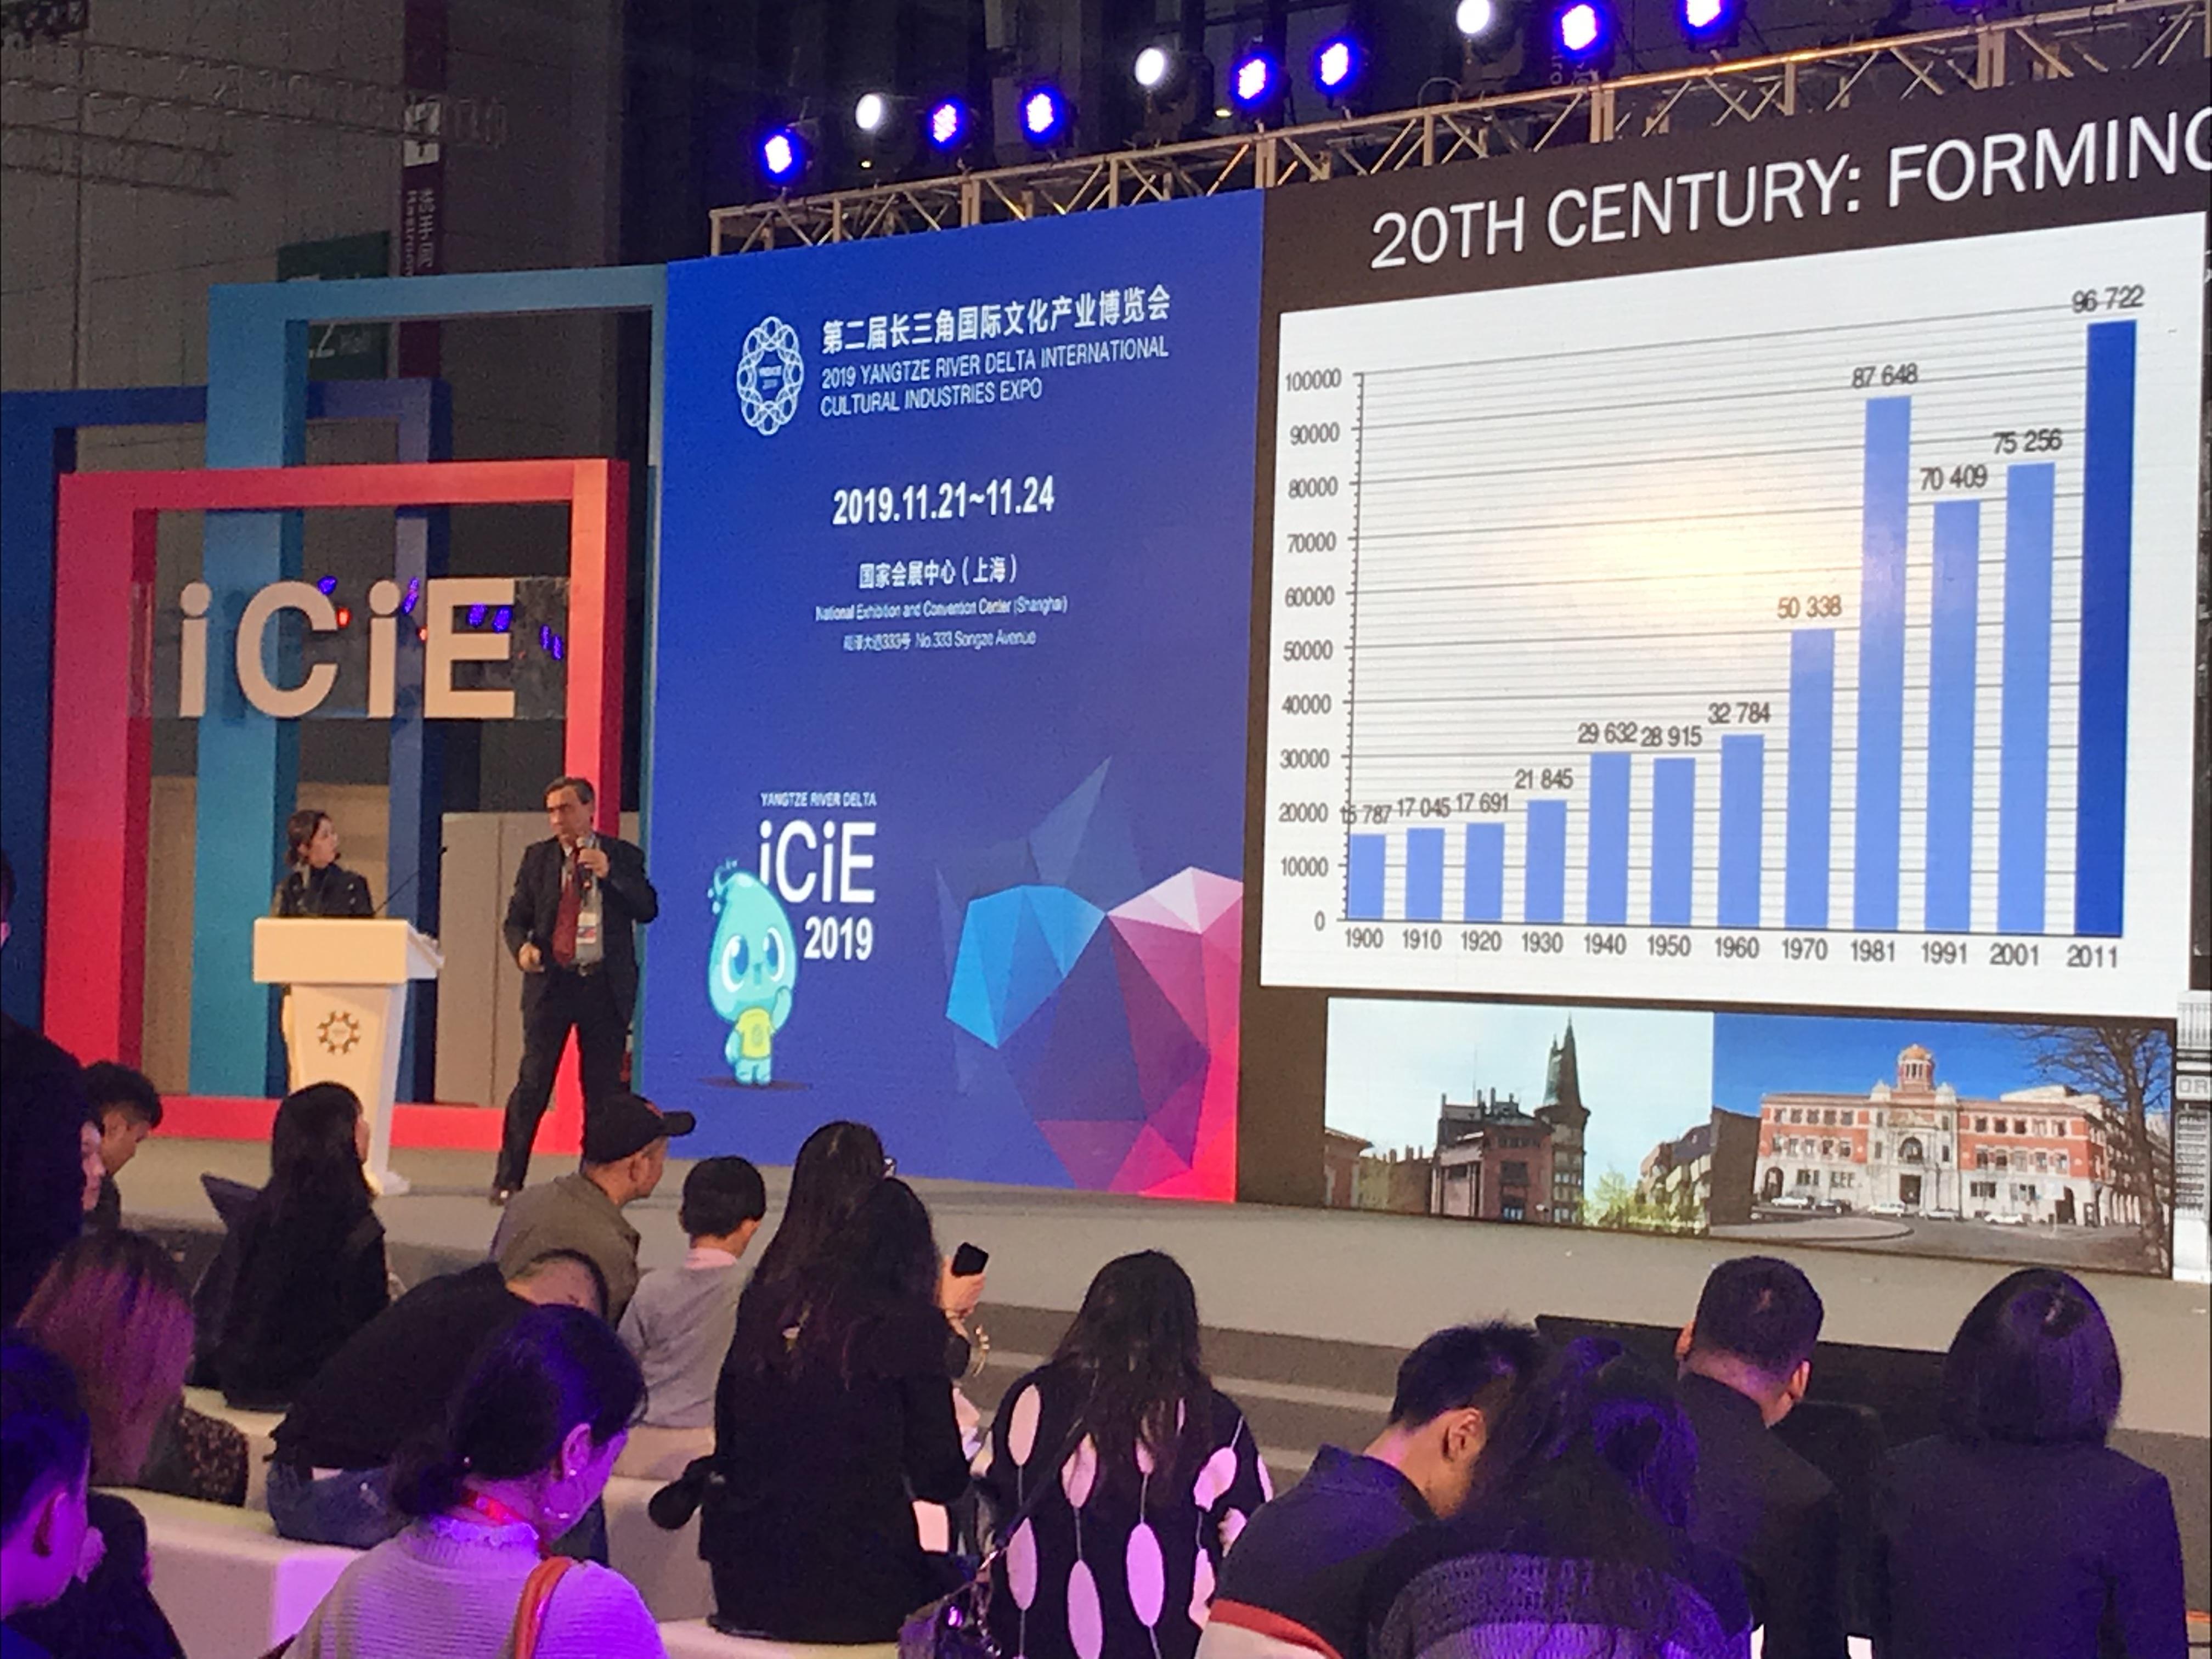 Conferència d'Antoni Bou, director general de Bou Associats, a Xangai